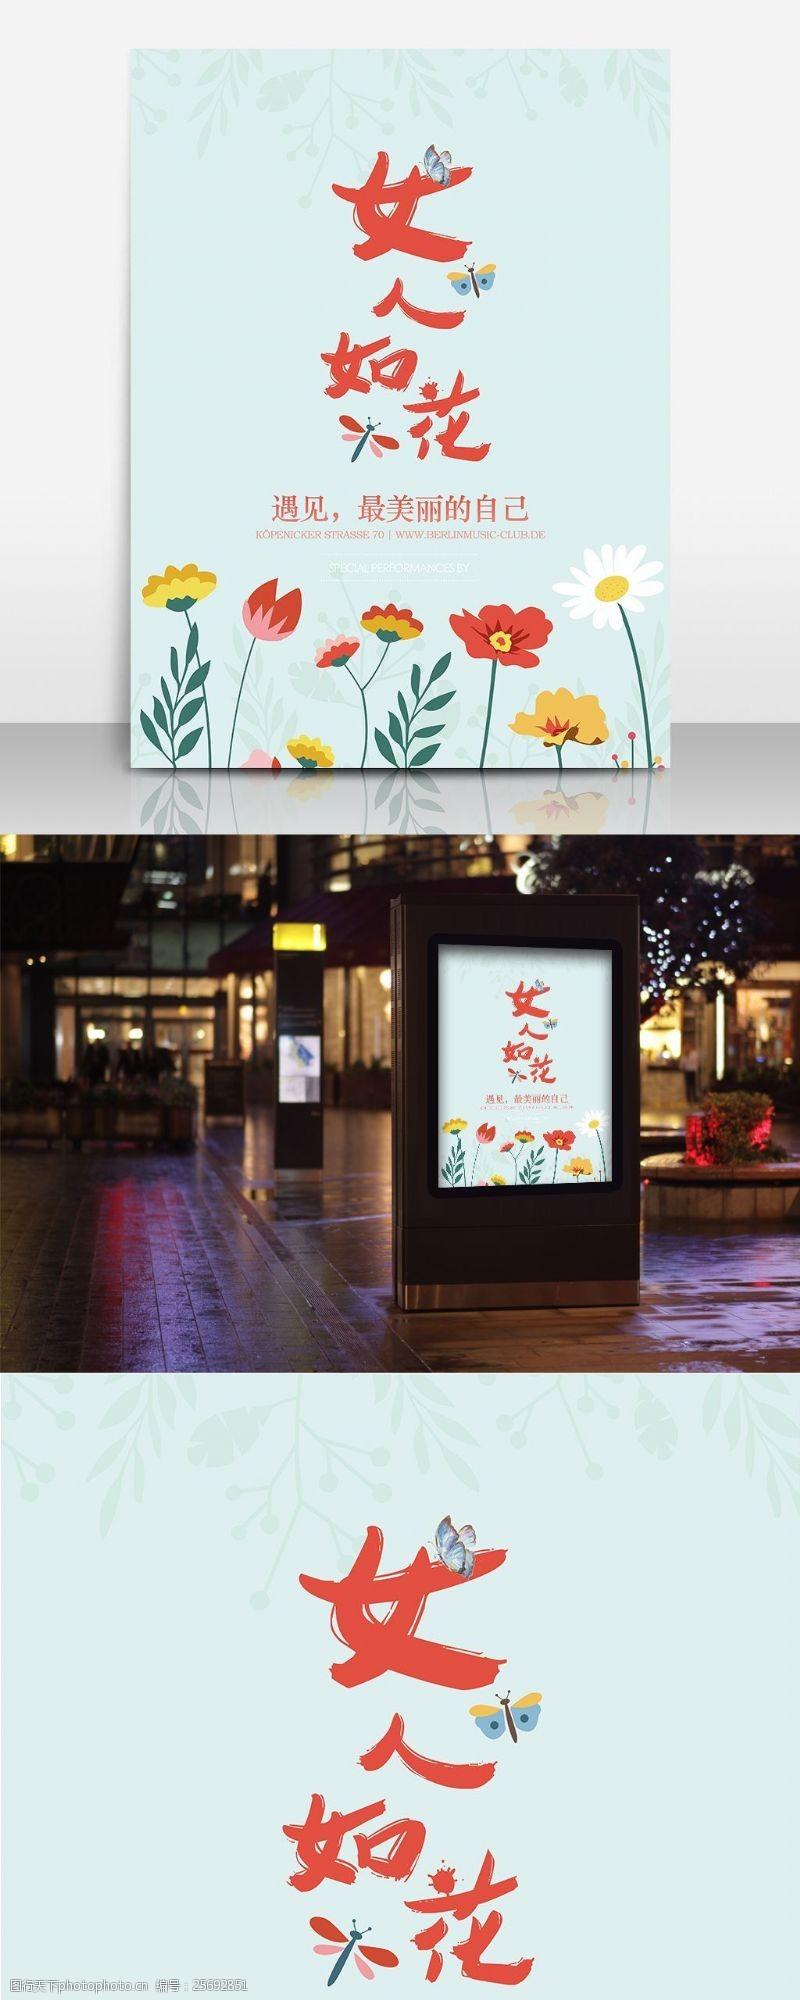 三八节宣传女人如花唯美三八妇女节平面促销节日海报